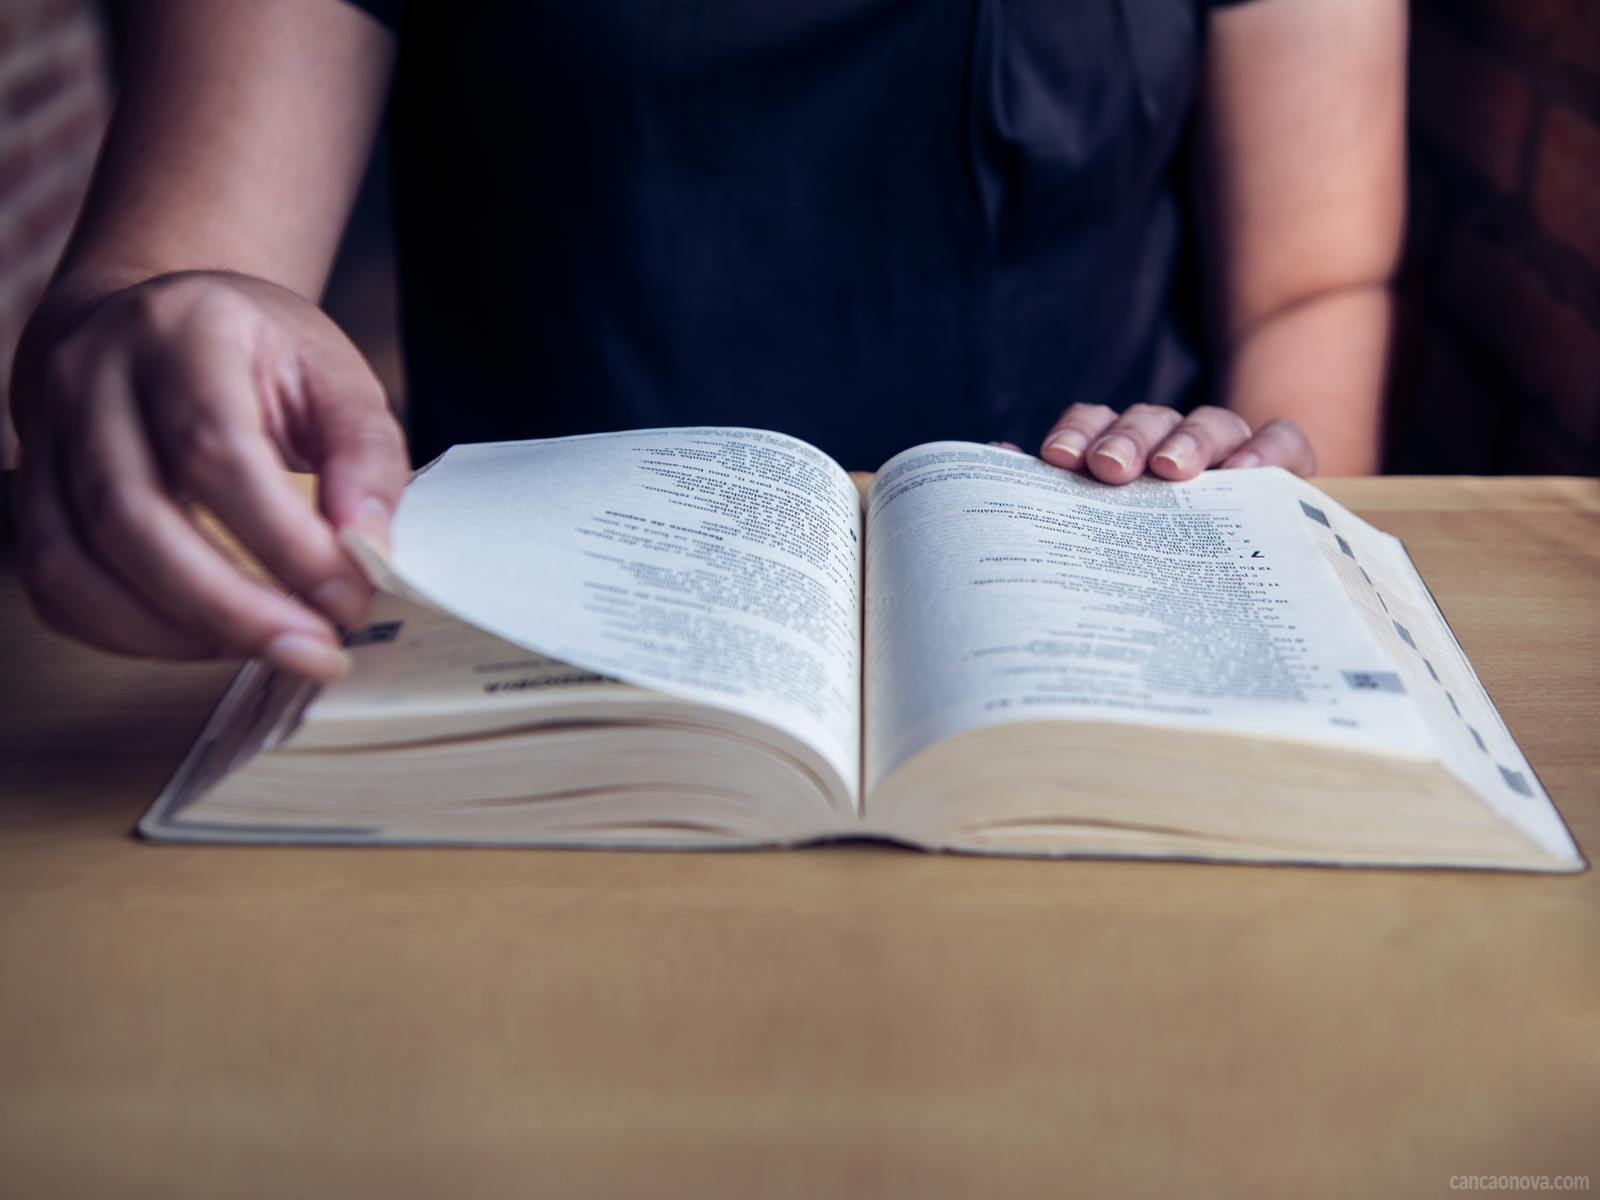 O-Evangelho-sempre-nos-ensina-palavras-de-amor